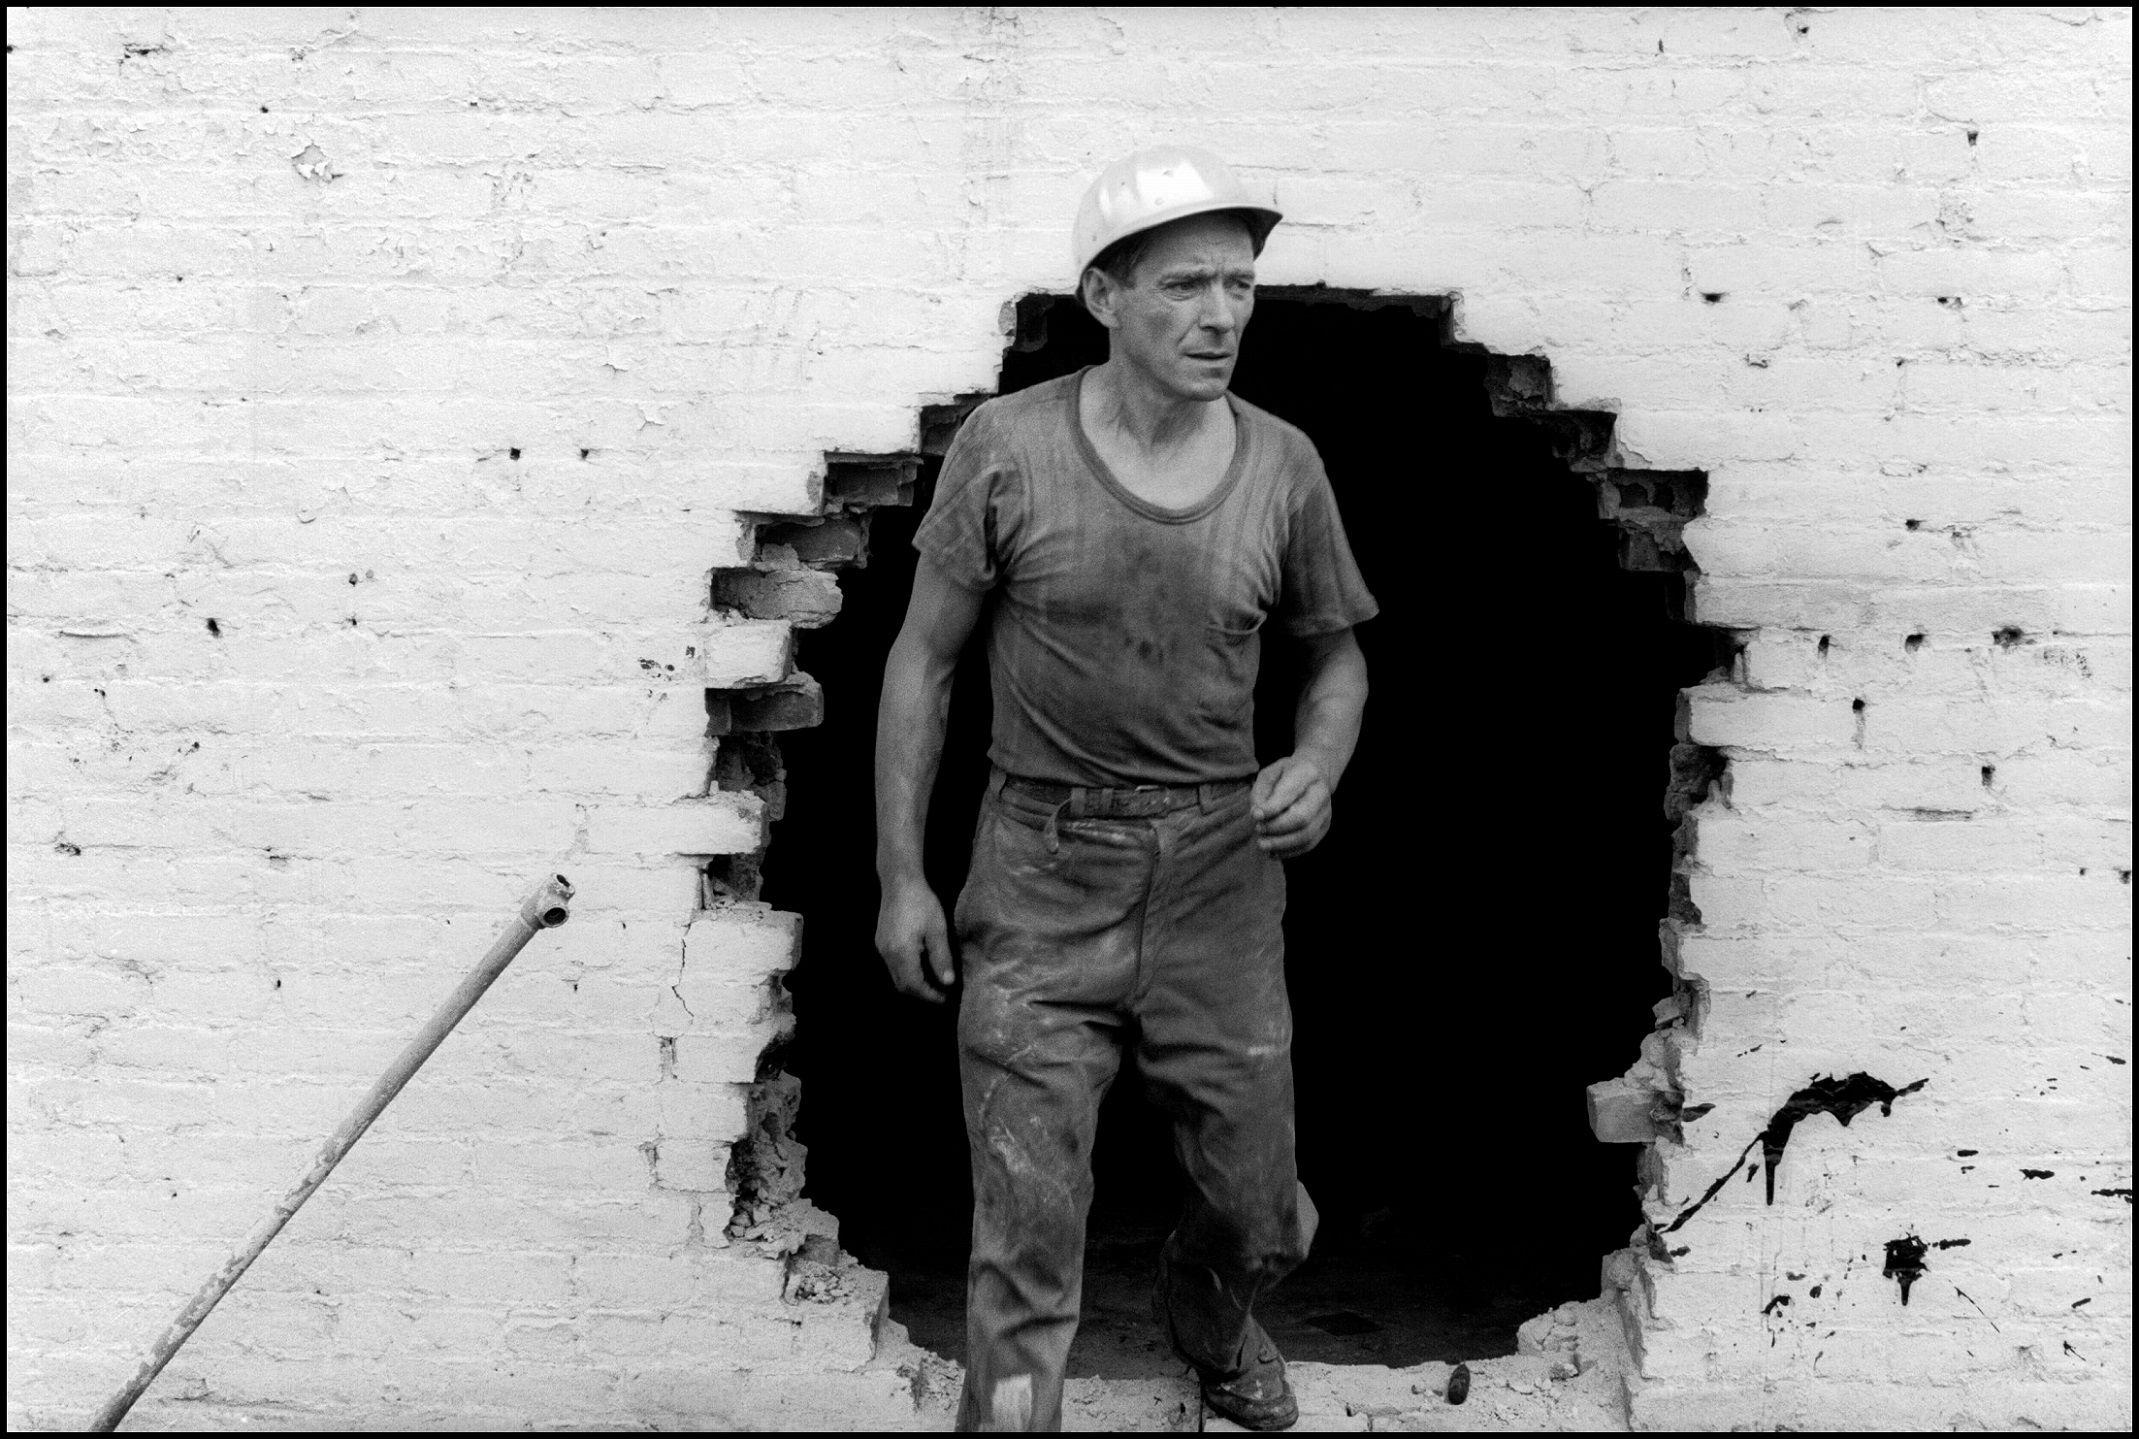 Foto de Danny Lyon, Operario de demolición, 1967. © Danny